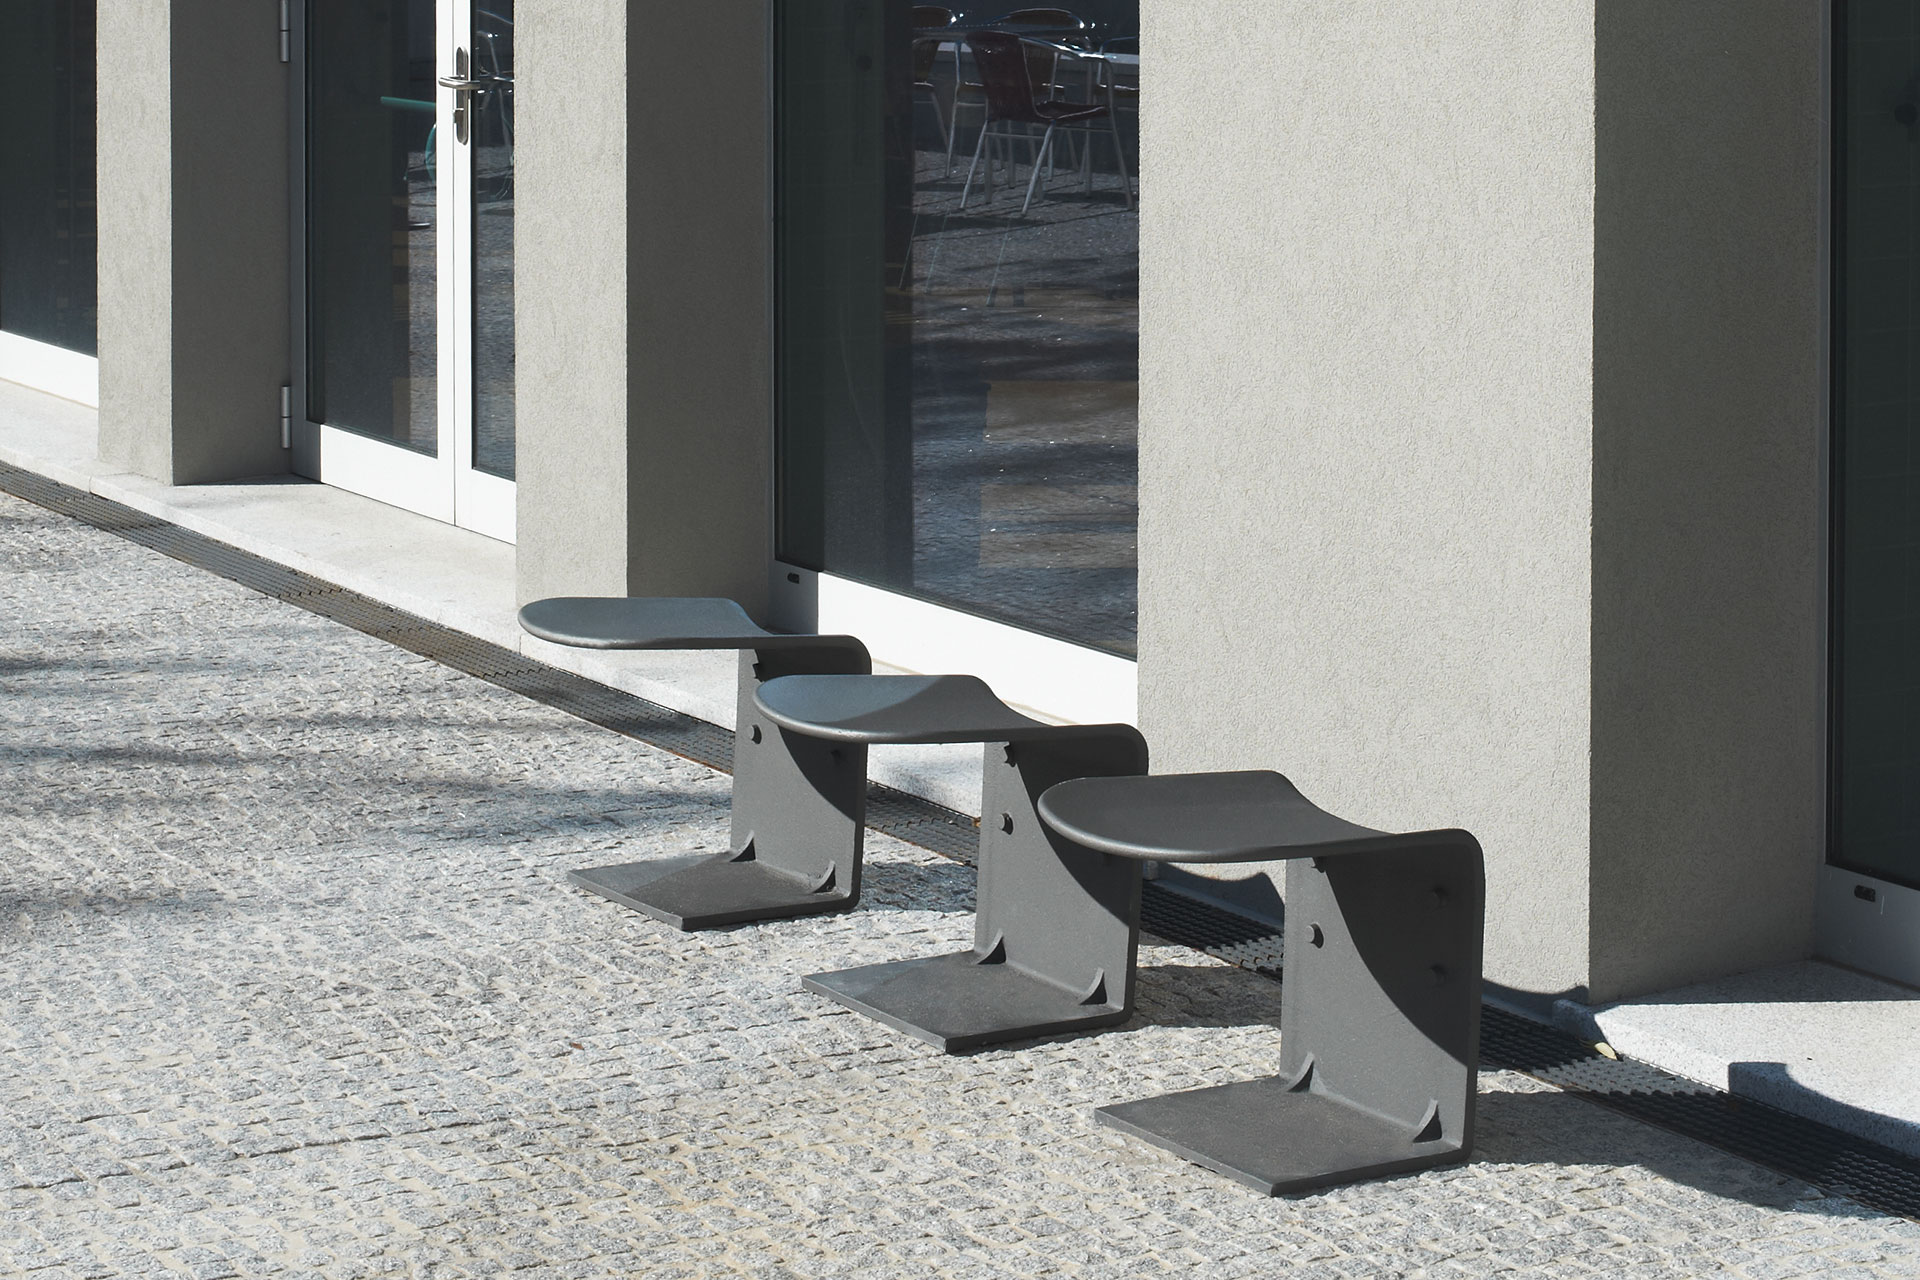 UrbanObjekts Cais Ansicht von drei Sitzgelegenheiten